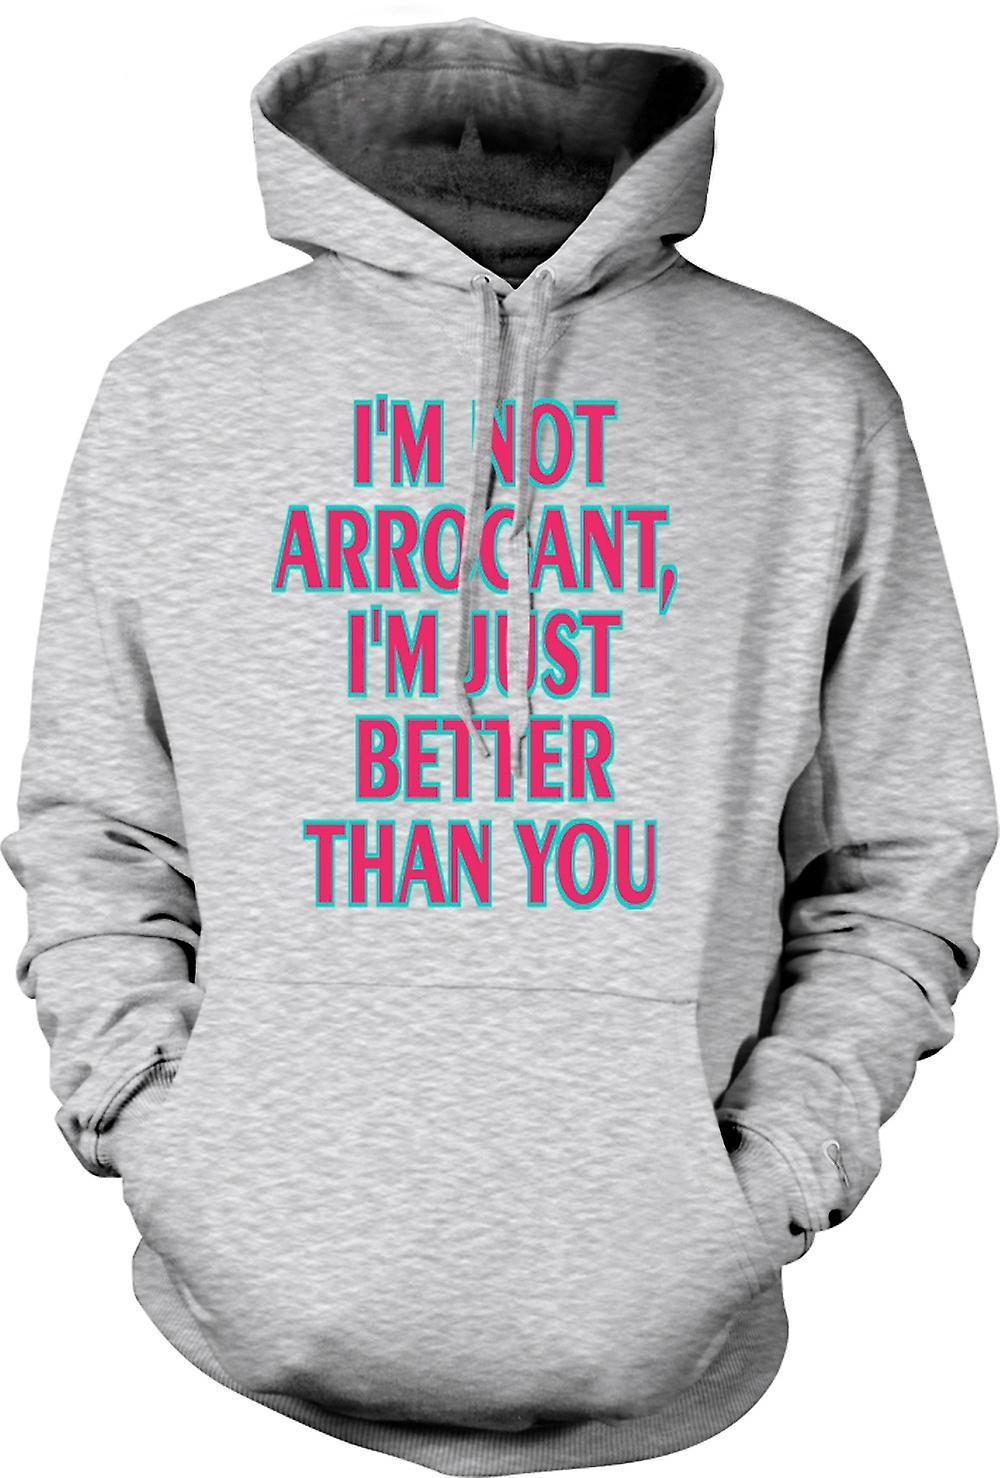 Mens Hoodie - je ne suis pas ARROGANT, je suis juste mieux que vous